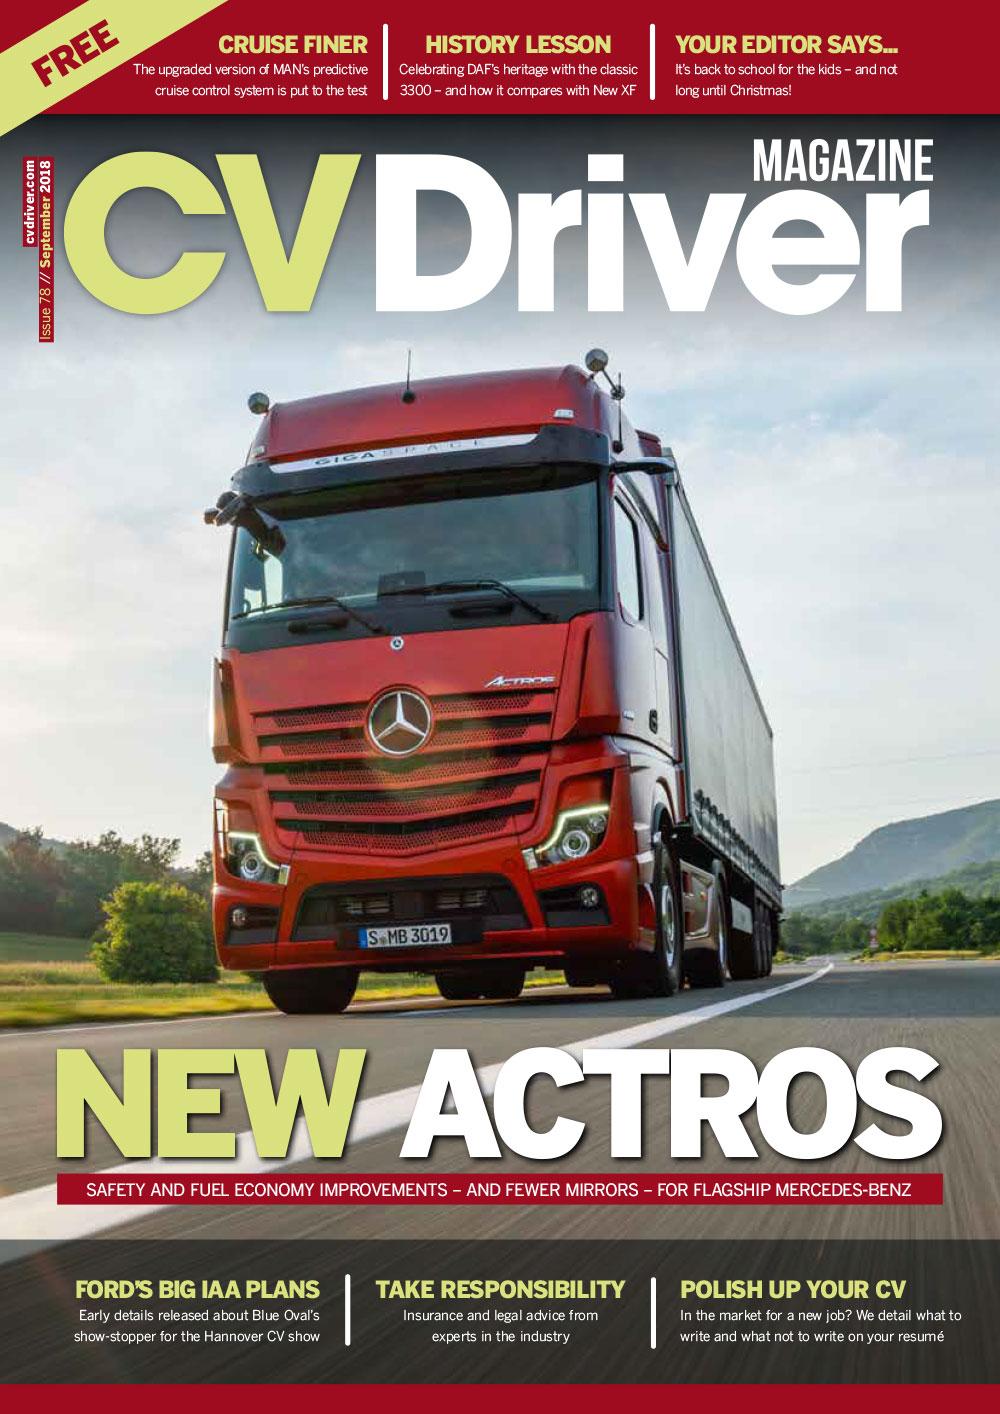 CV Driver September 2018 Issue 78